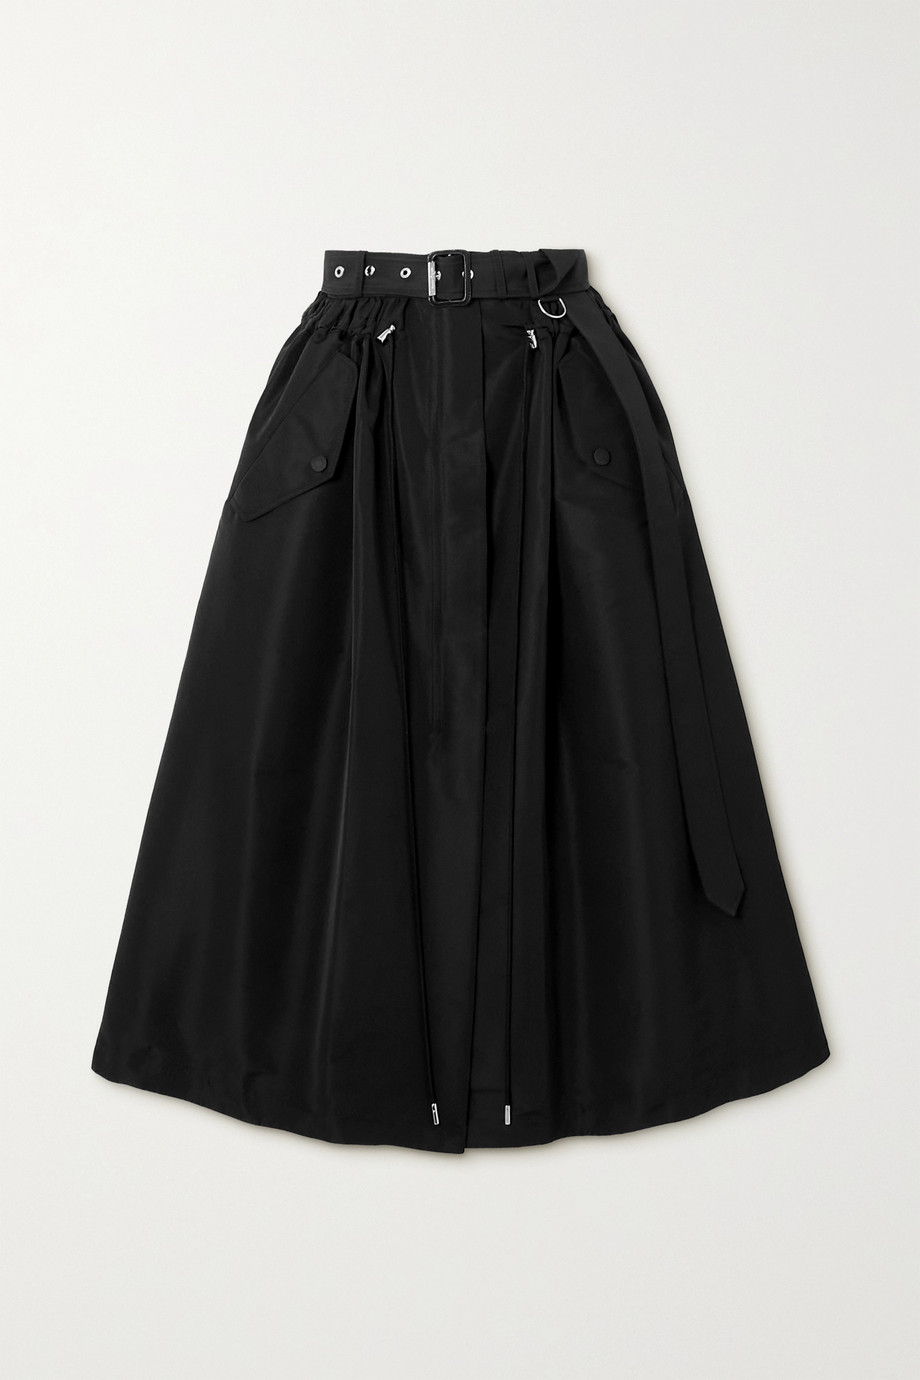 Alexander McQueen Belted faille midi skirt